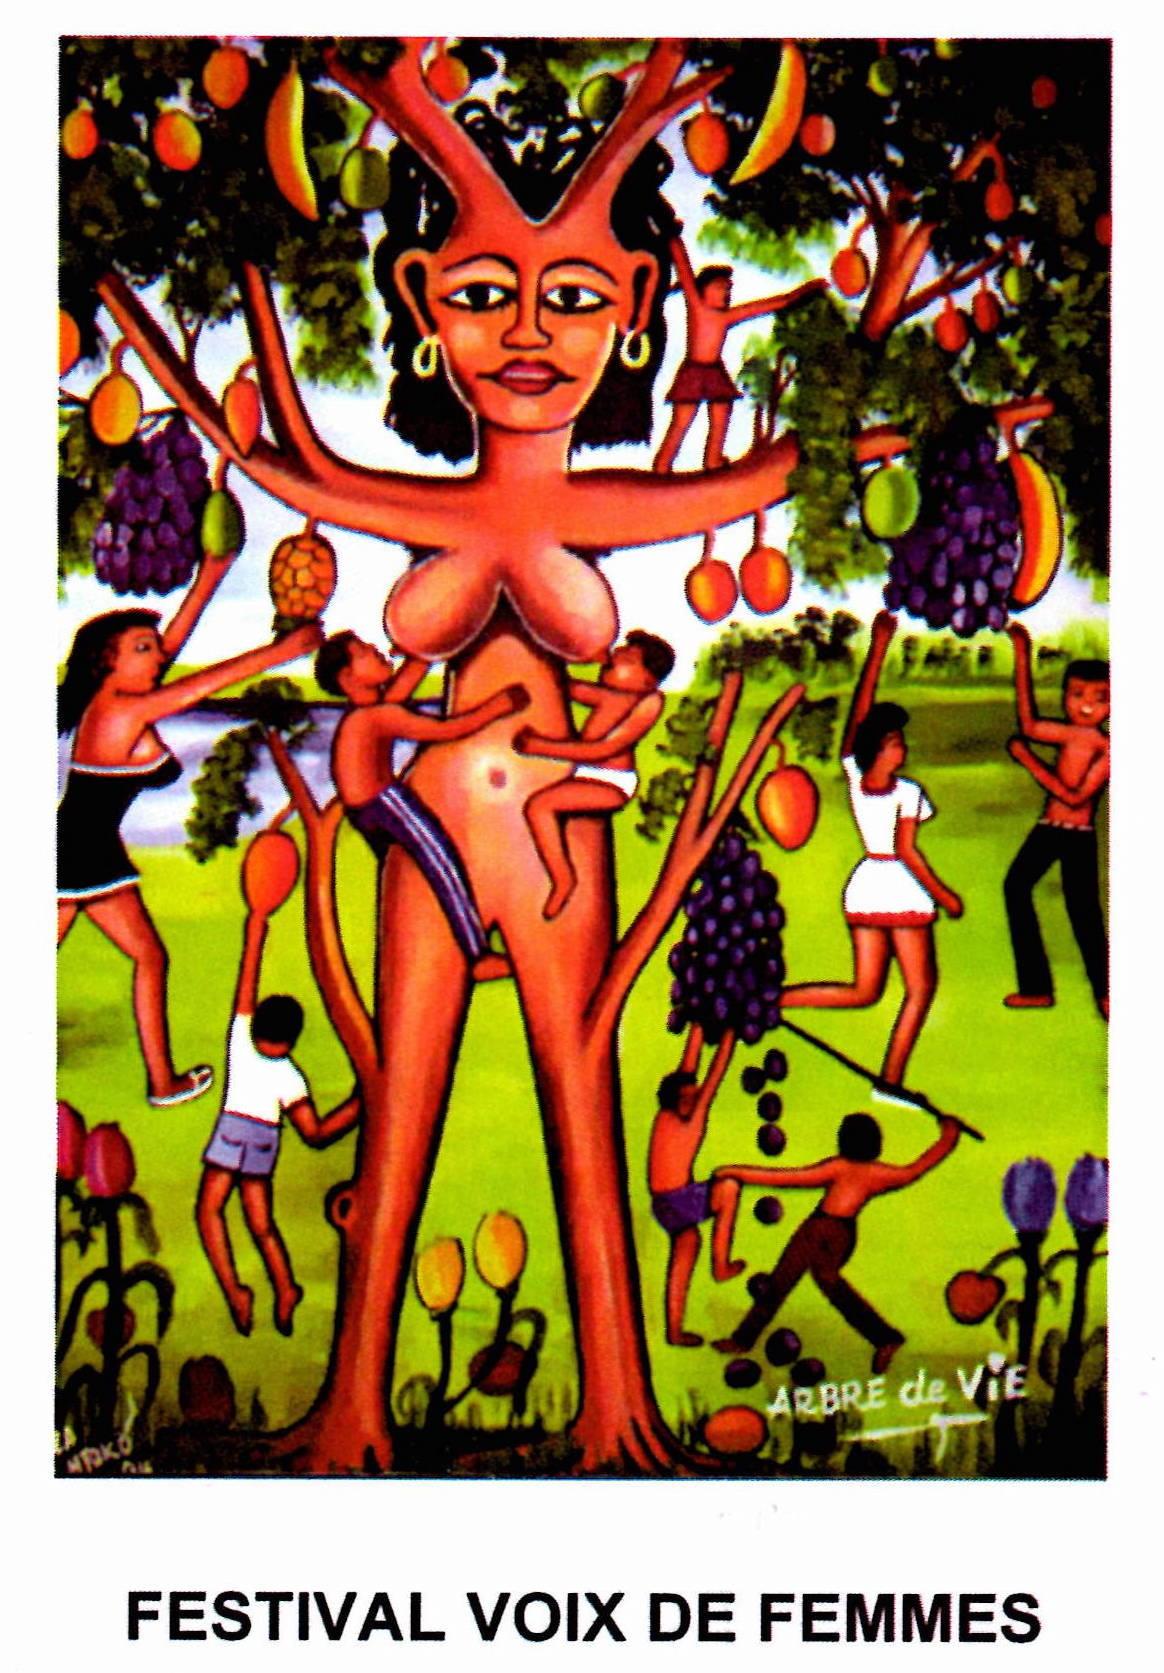 Visuel de la compilation de la 7e édition du Festival Voix de Femmes